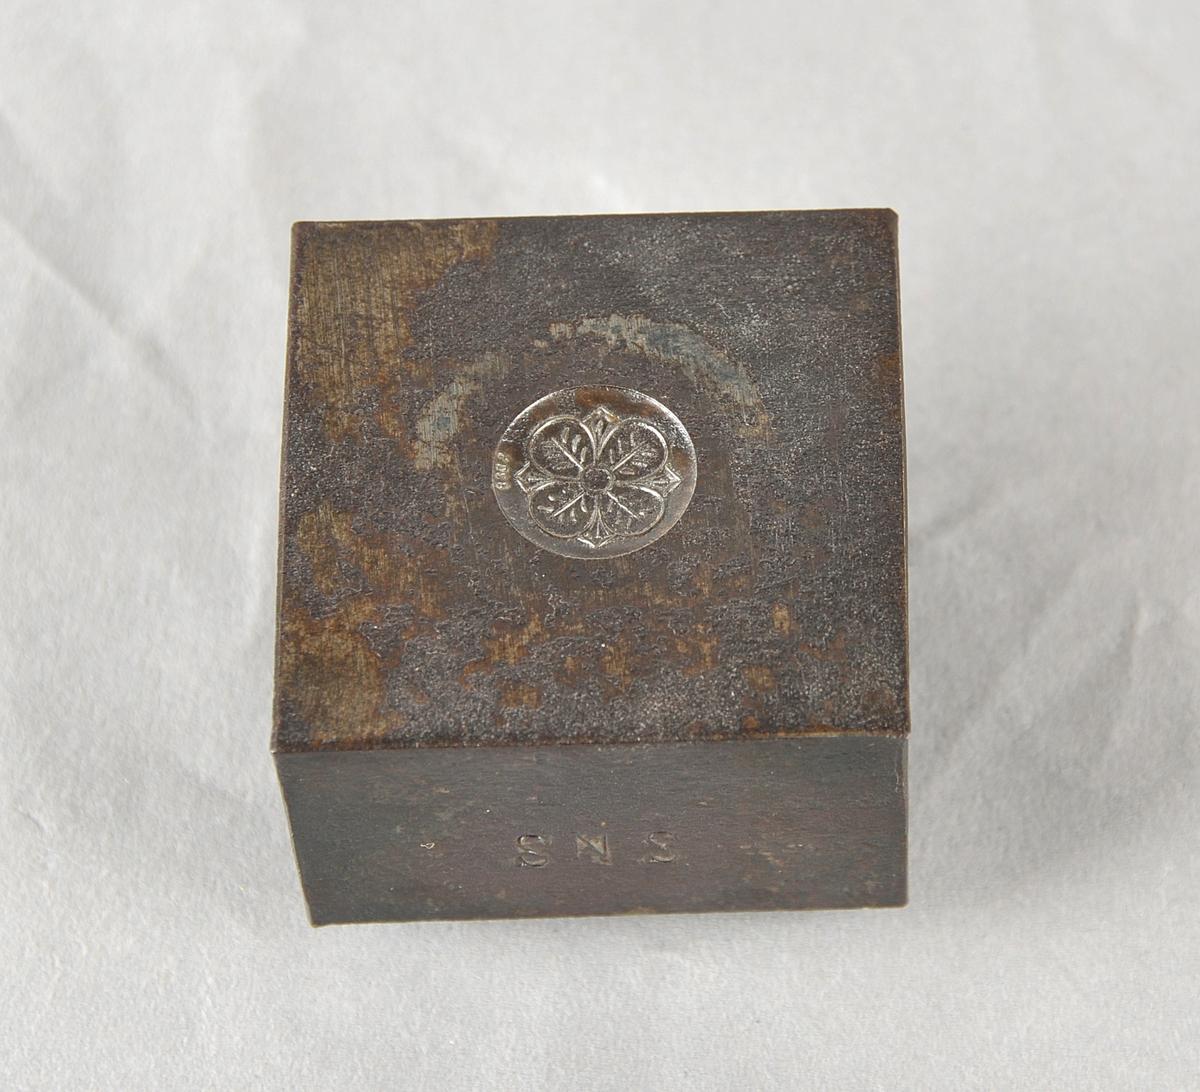 Stålstanse til sylvknapp med blomemotiv, fire kronblad. Kvadratisk blokk med sirkelforma fot. Stempel i eine sida.